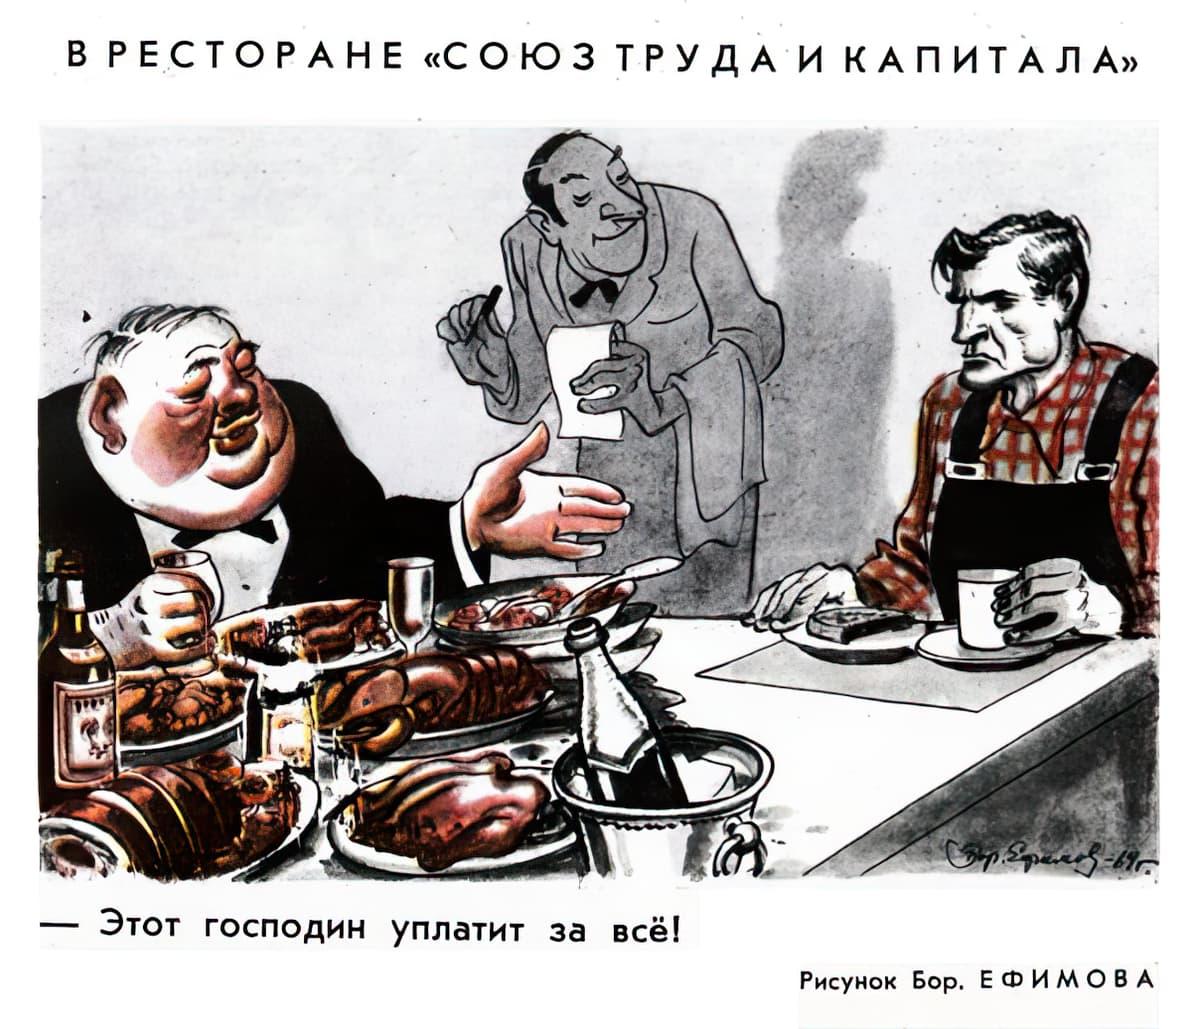 Либералы, центристы и прочие антикоммунисты 4